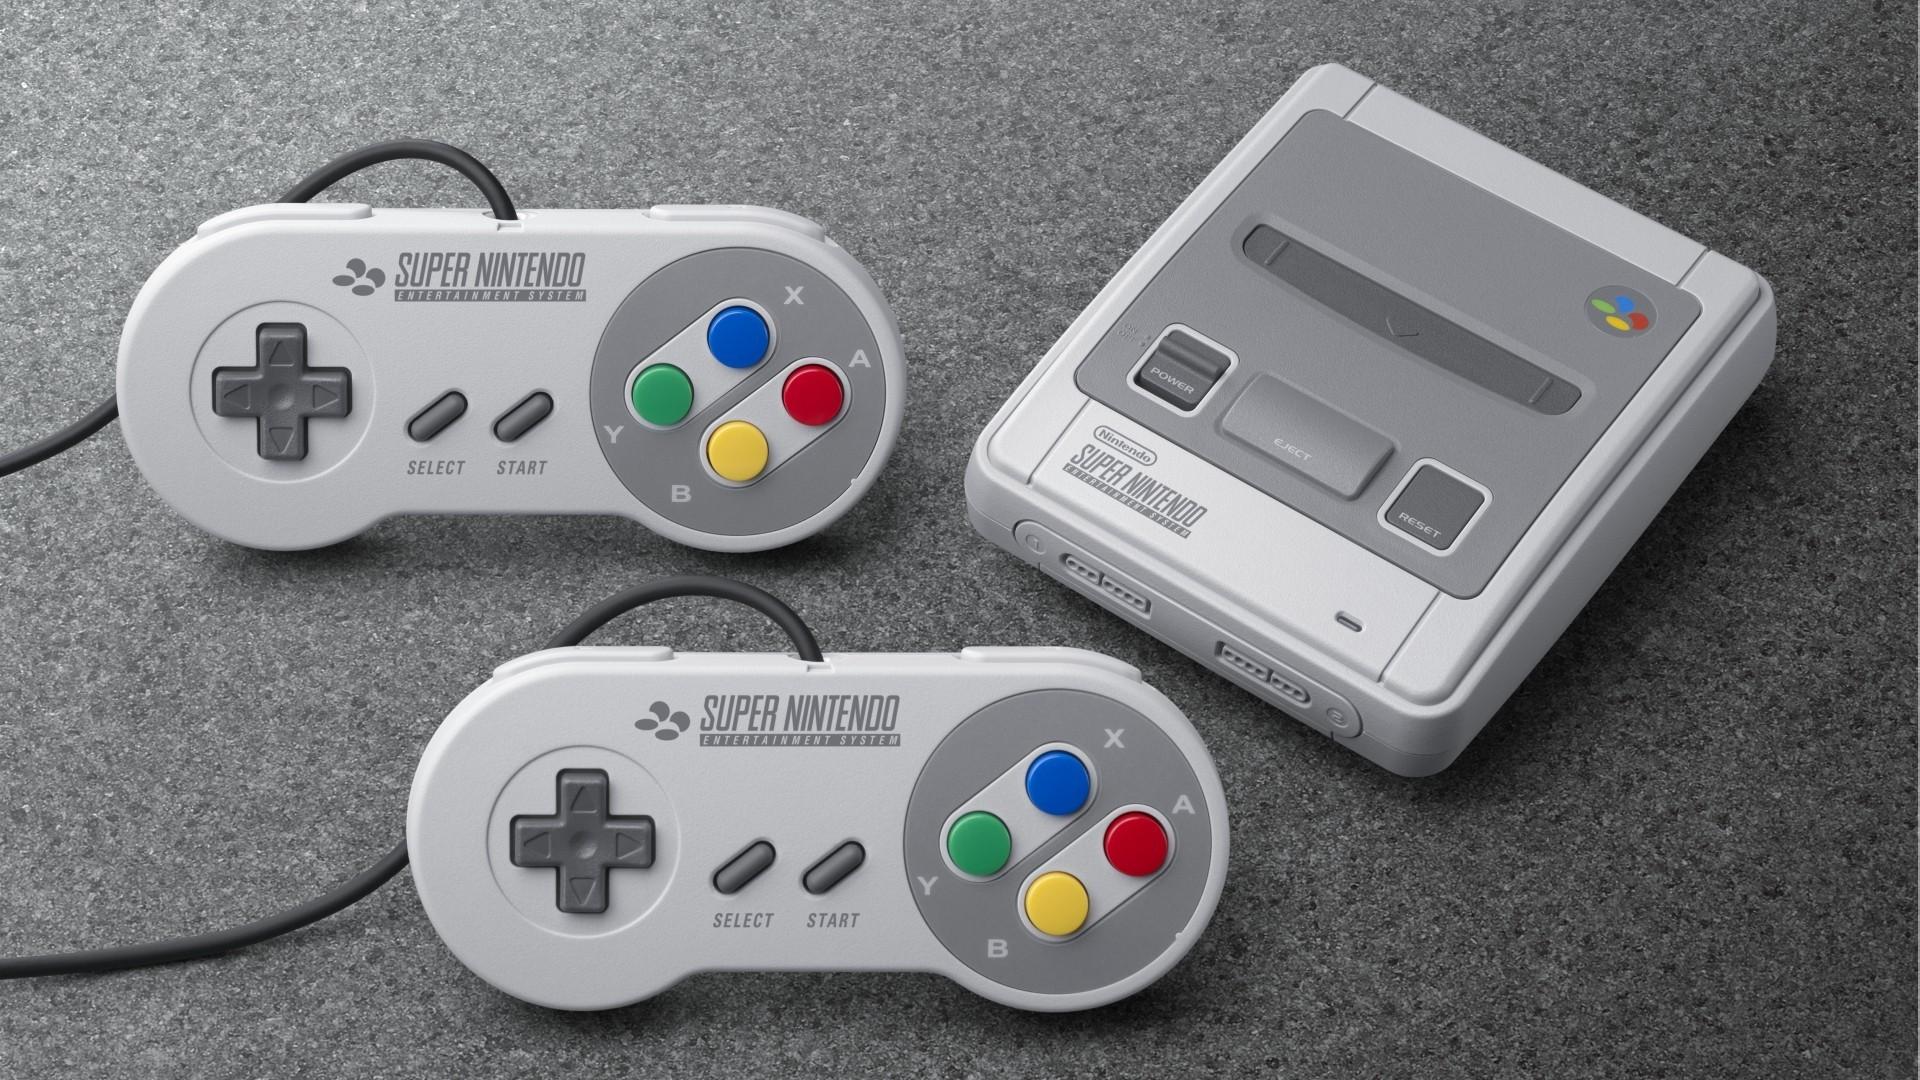 Res: 1920x1080, Das Nintendo Classic Mini: Super Nintendo Entertainment System erscheint am  29. September. Auch ohne Vorbestellung ist ein Besuch im  Elektronikfachhandel am ...